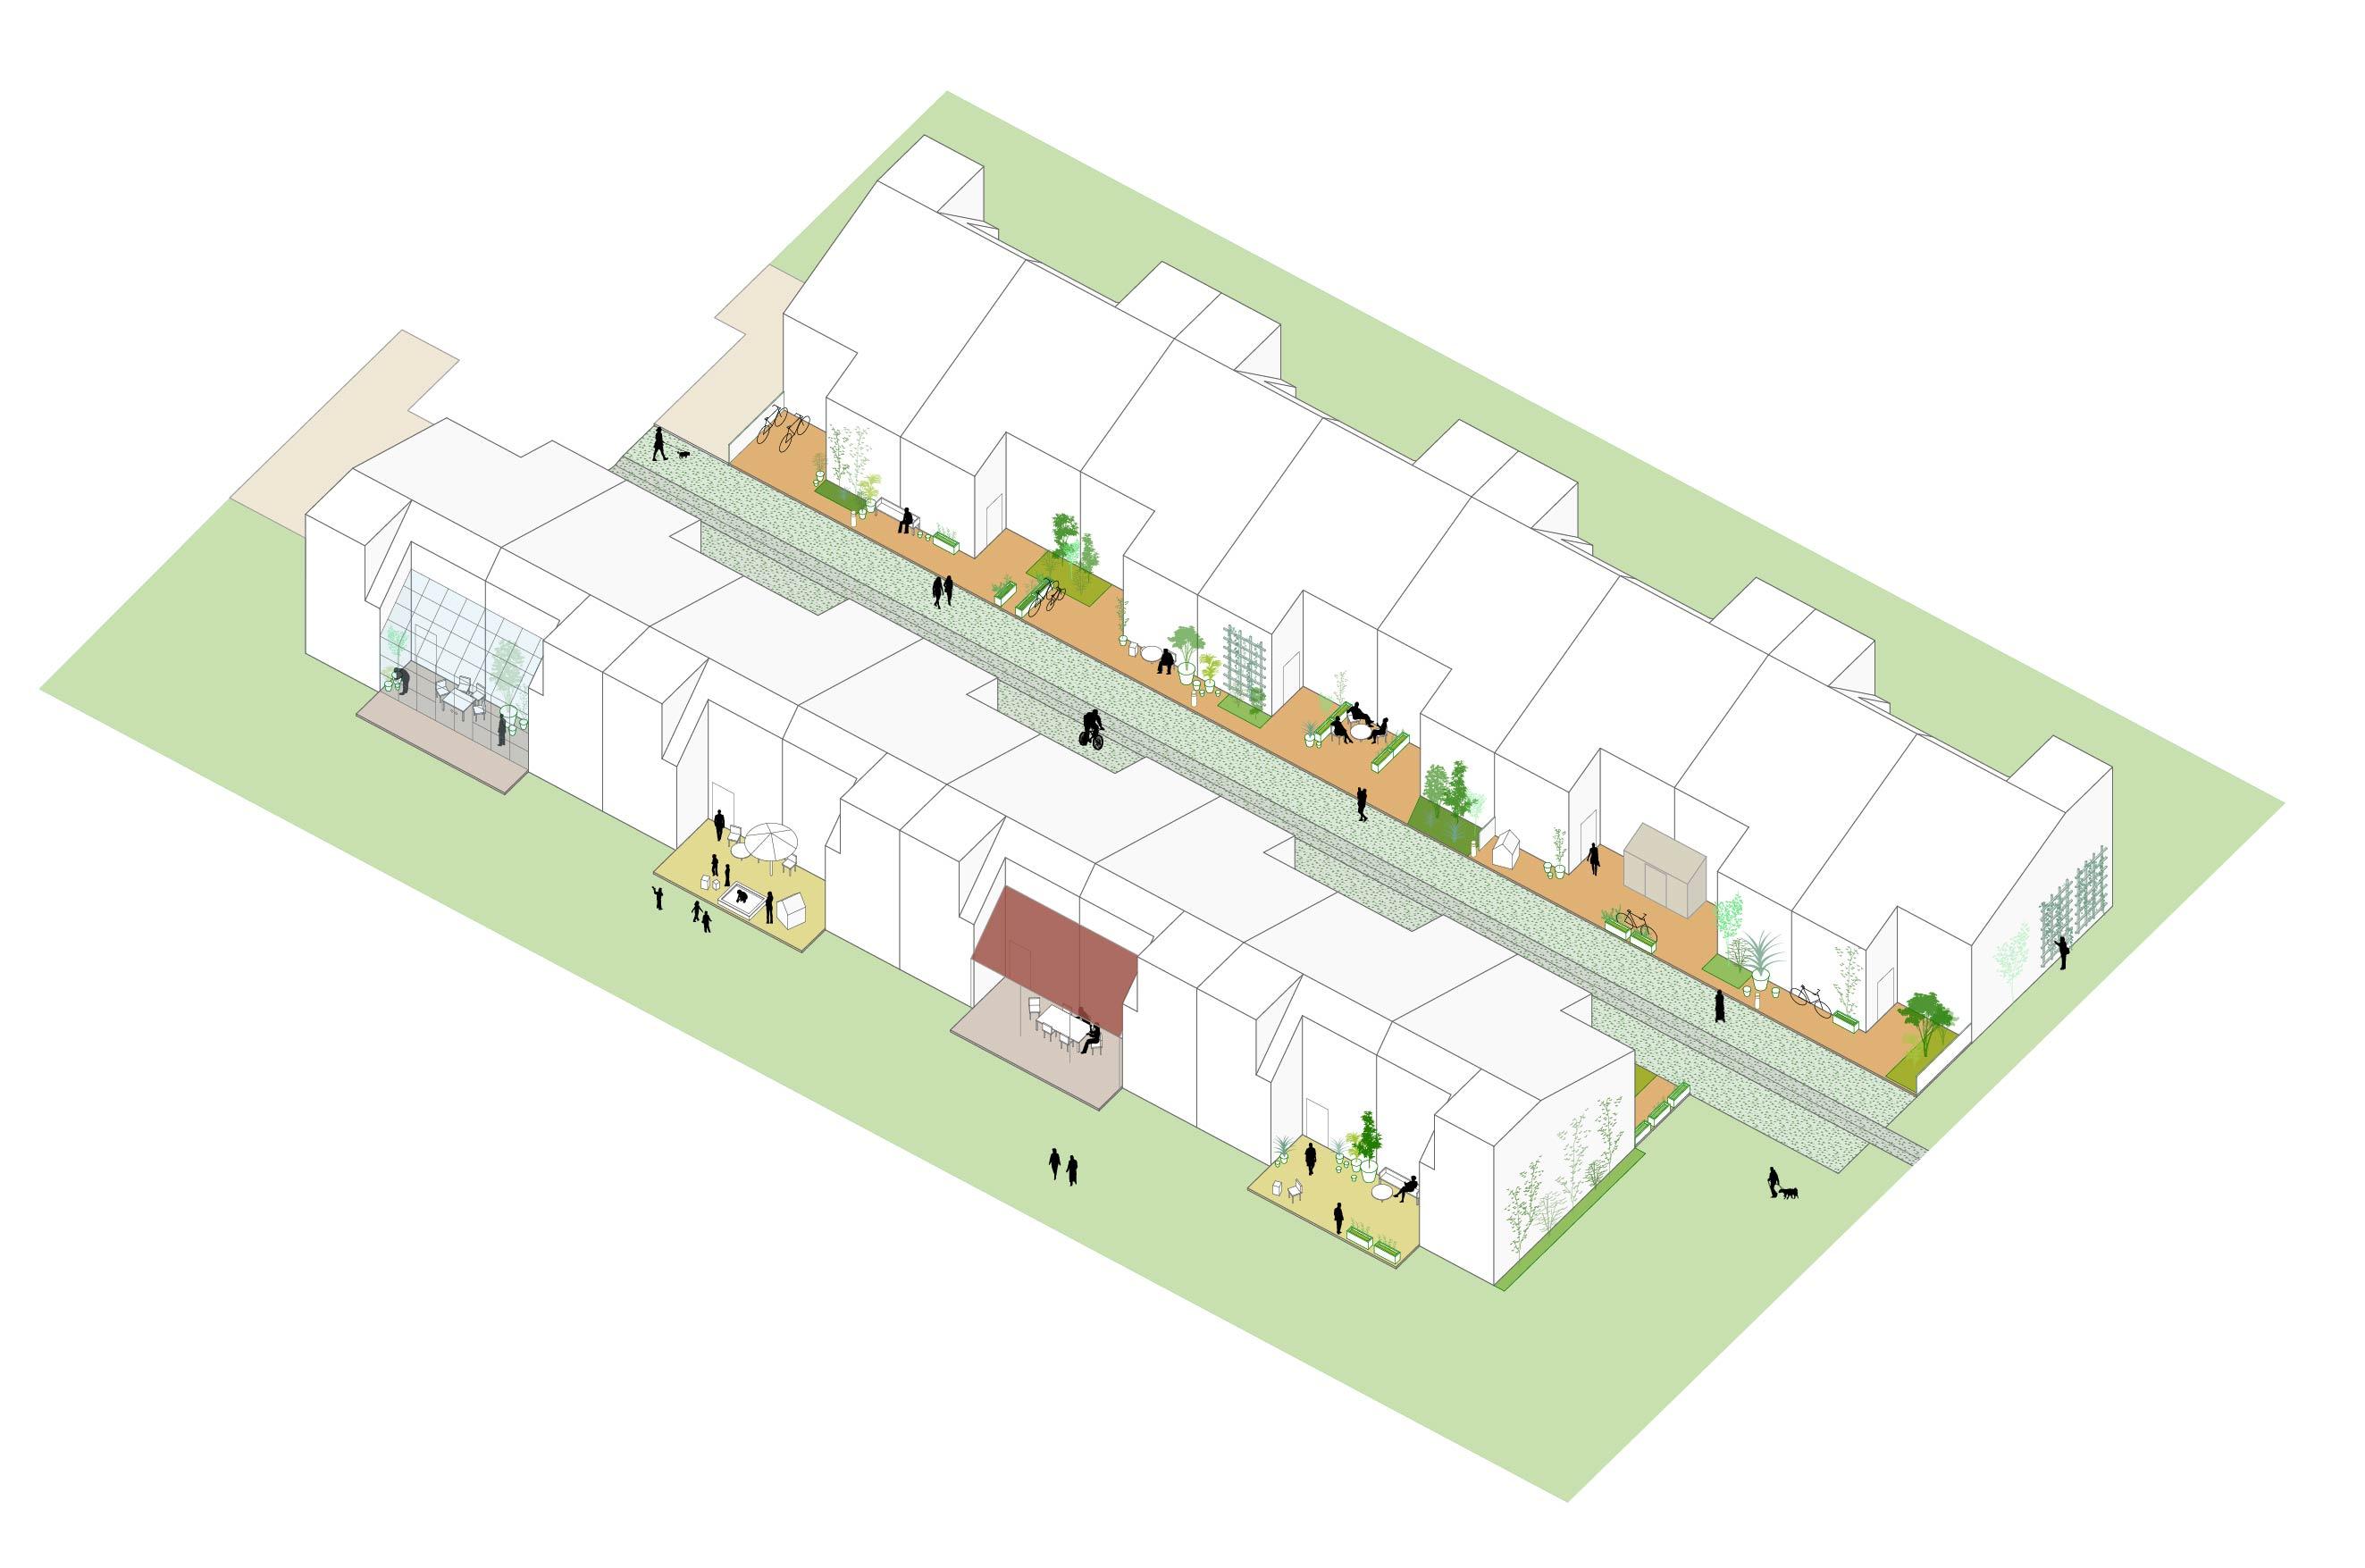 Kilegårdshusene ved Skæring Bæk